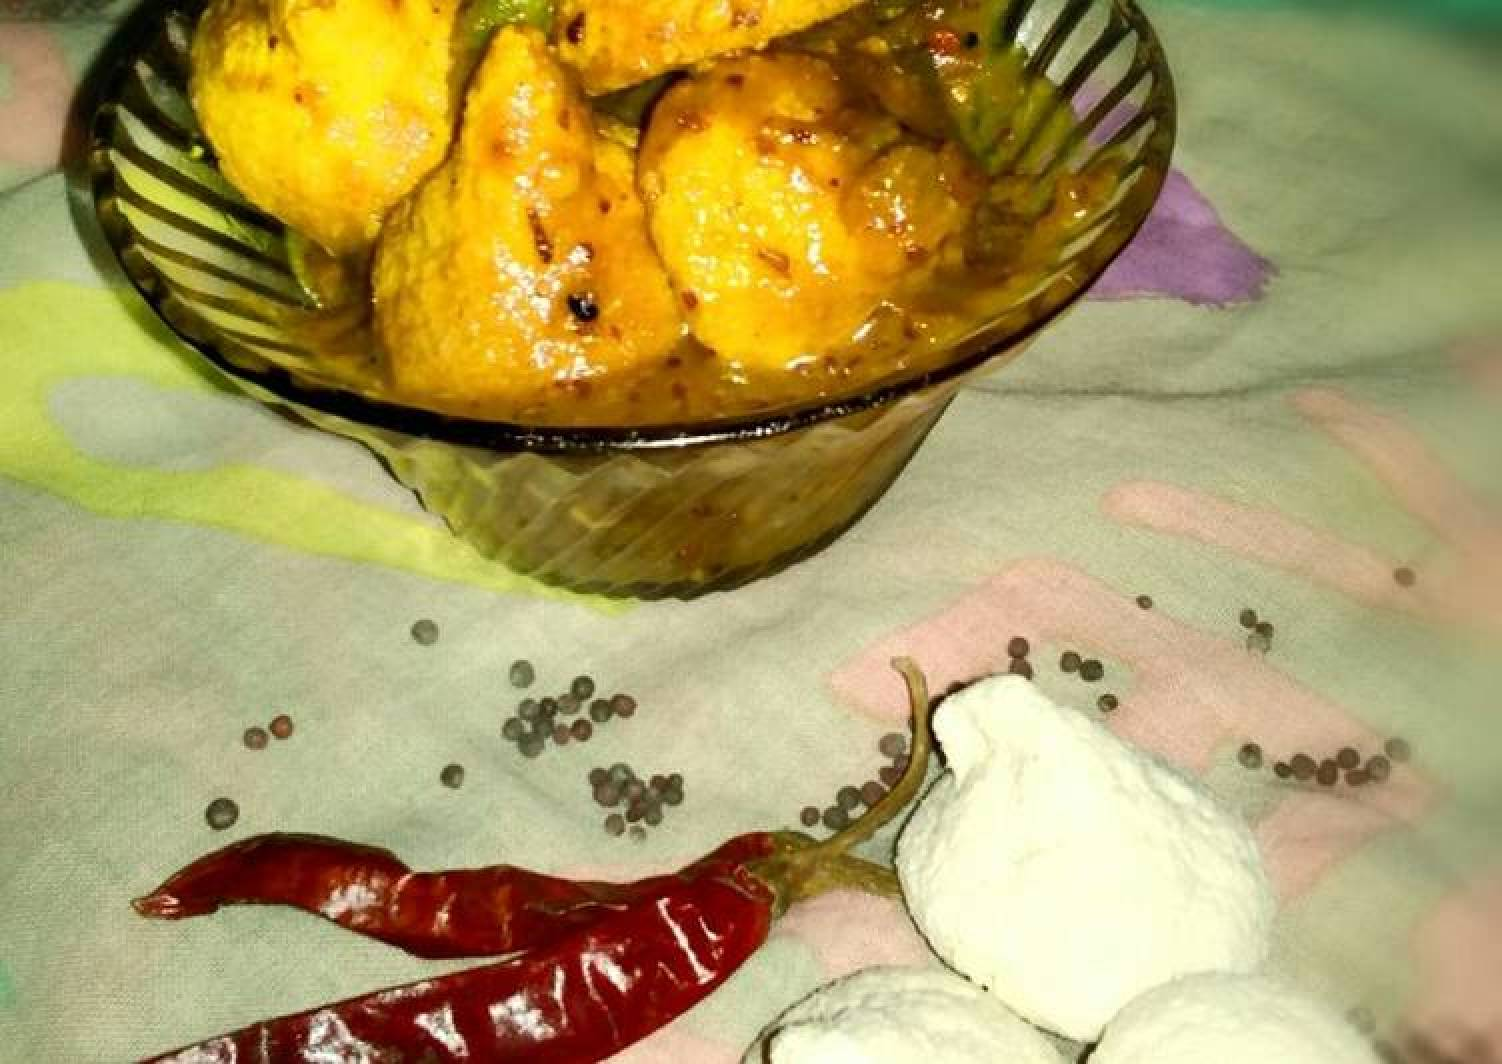 Dried Lentils dumplings with sour gravy